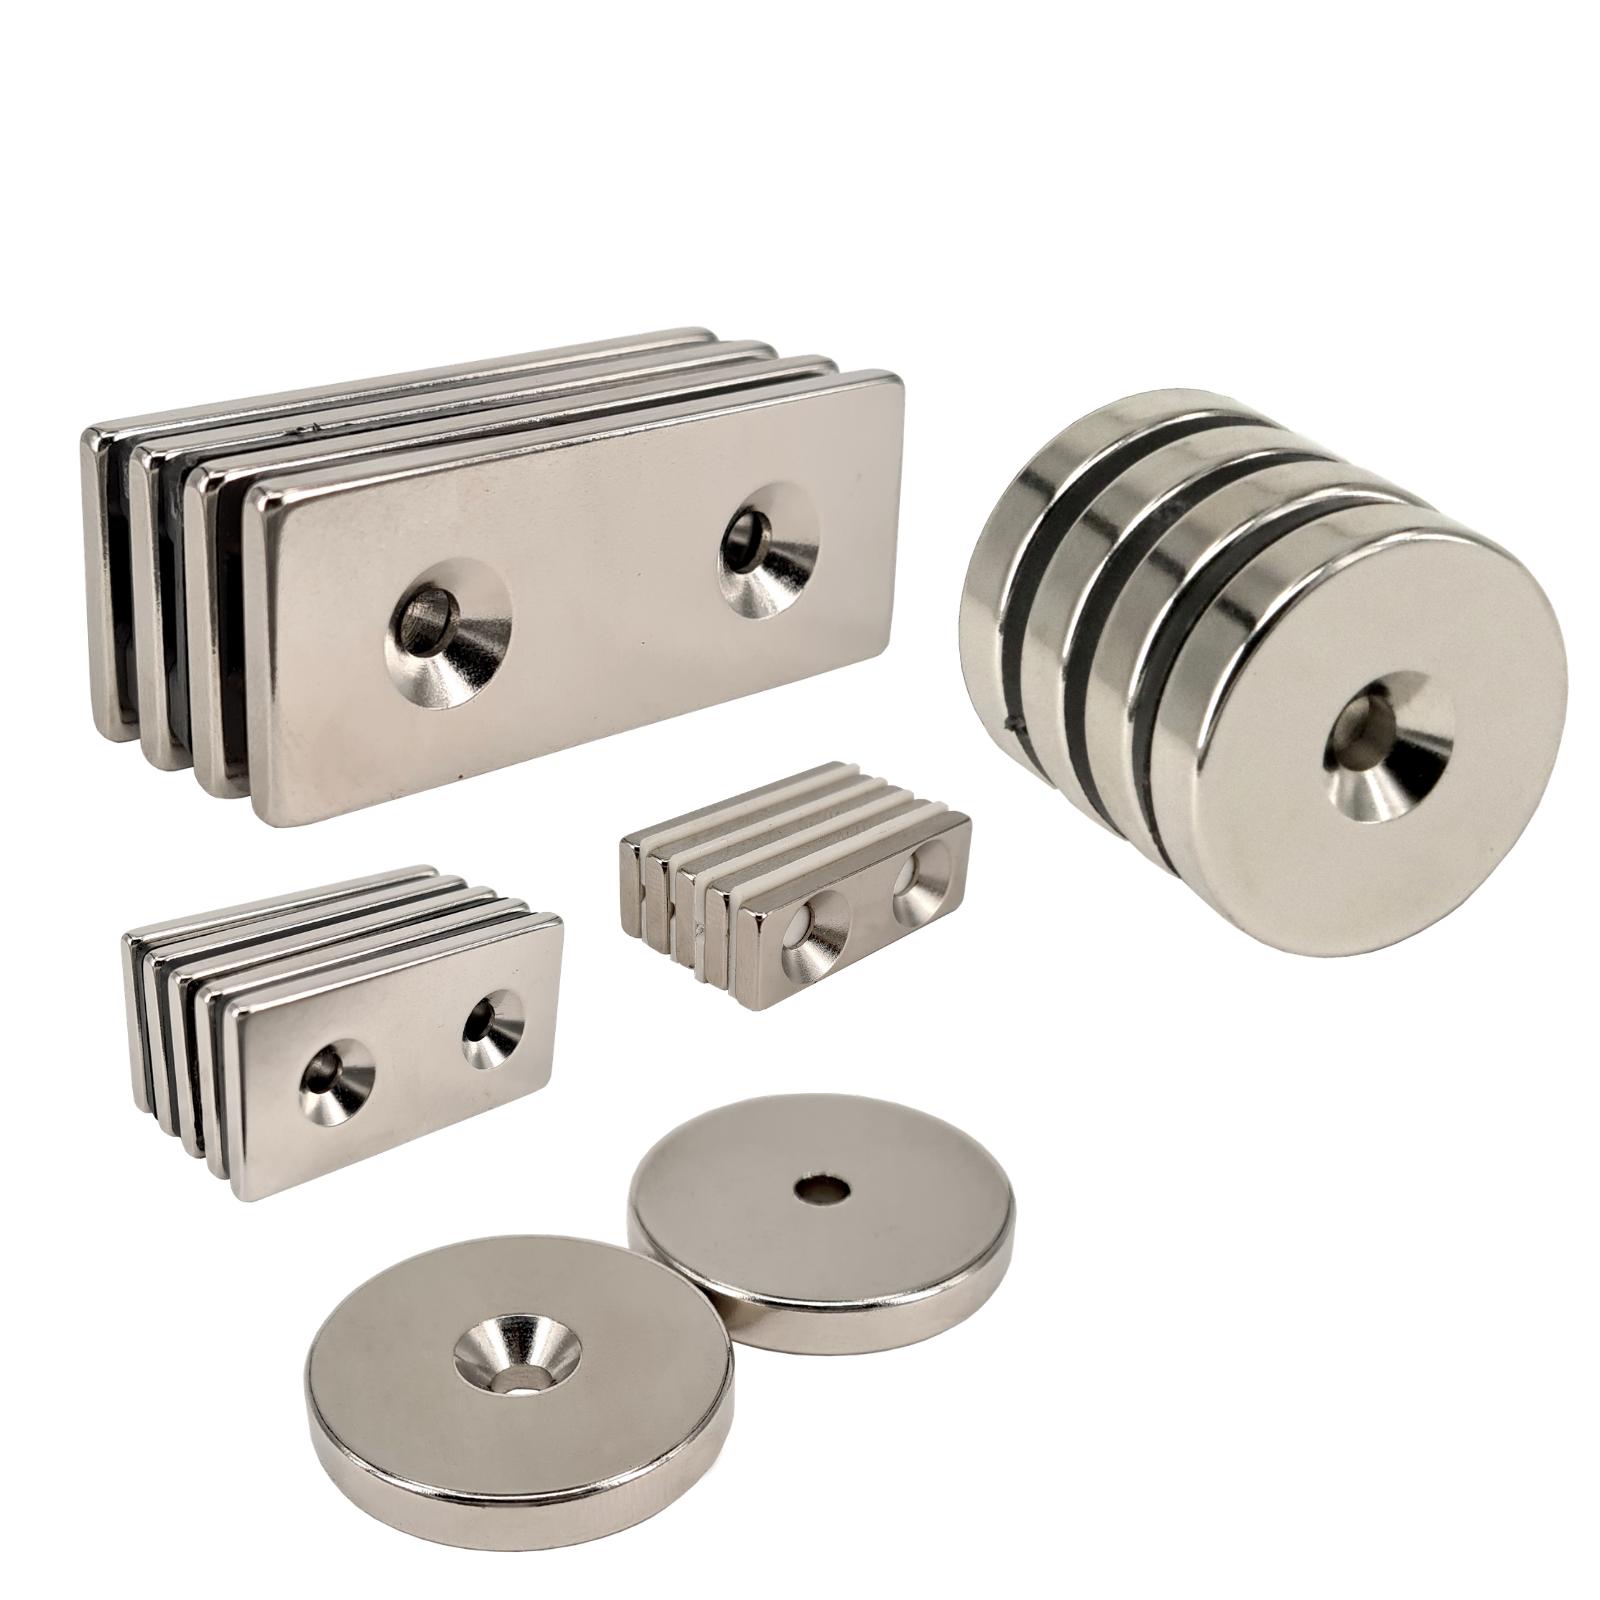 Neodym Magnete Topfmagnete mit Senkung Ringmagnete mit Bohrung zum Anschrauben